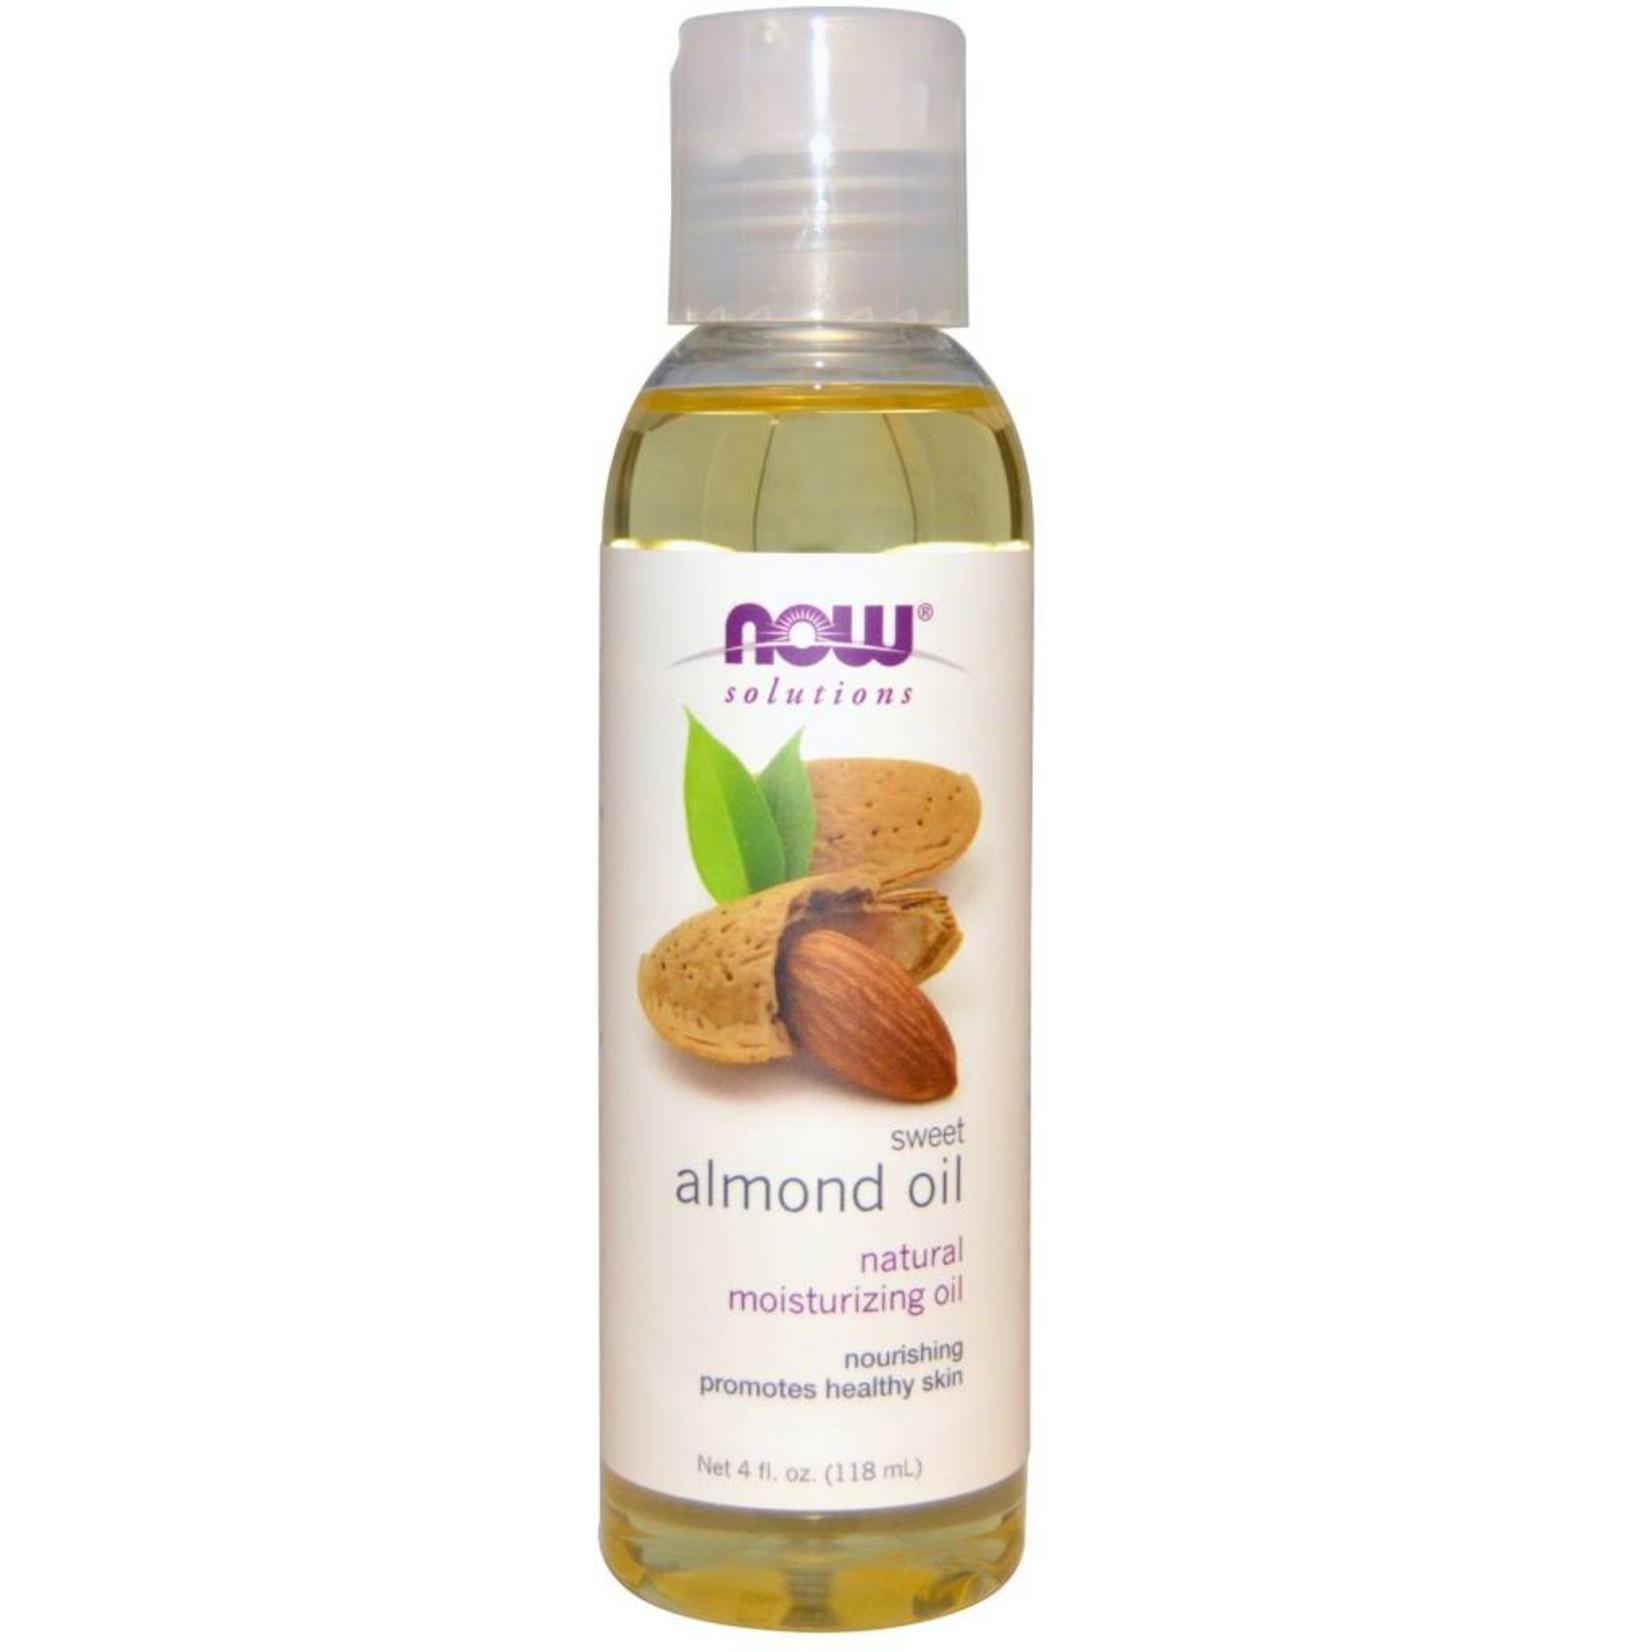 NOW NOW Almond Oil Sweet Expellerpressed 118mL